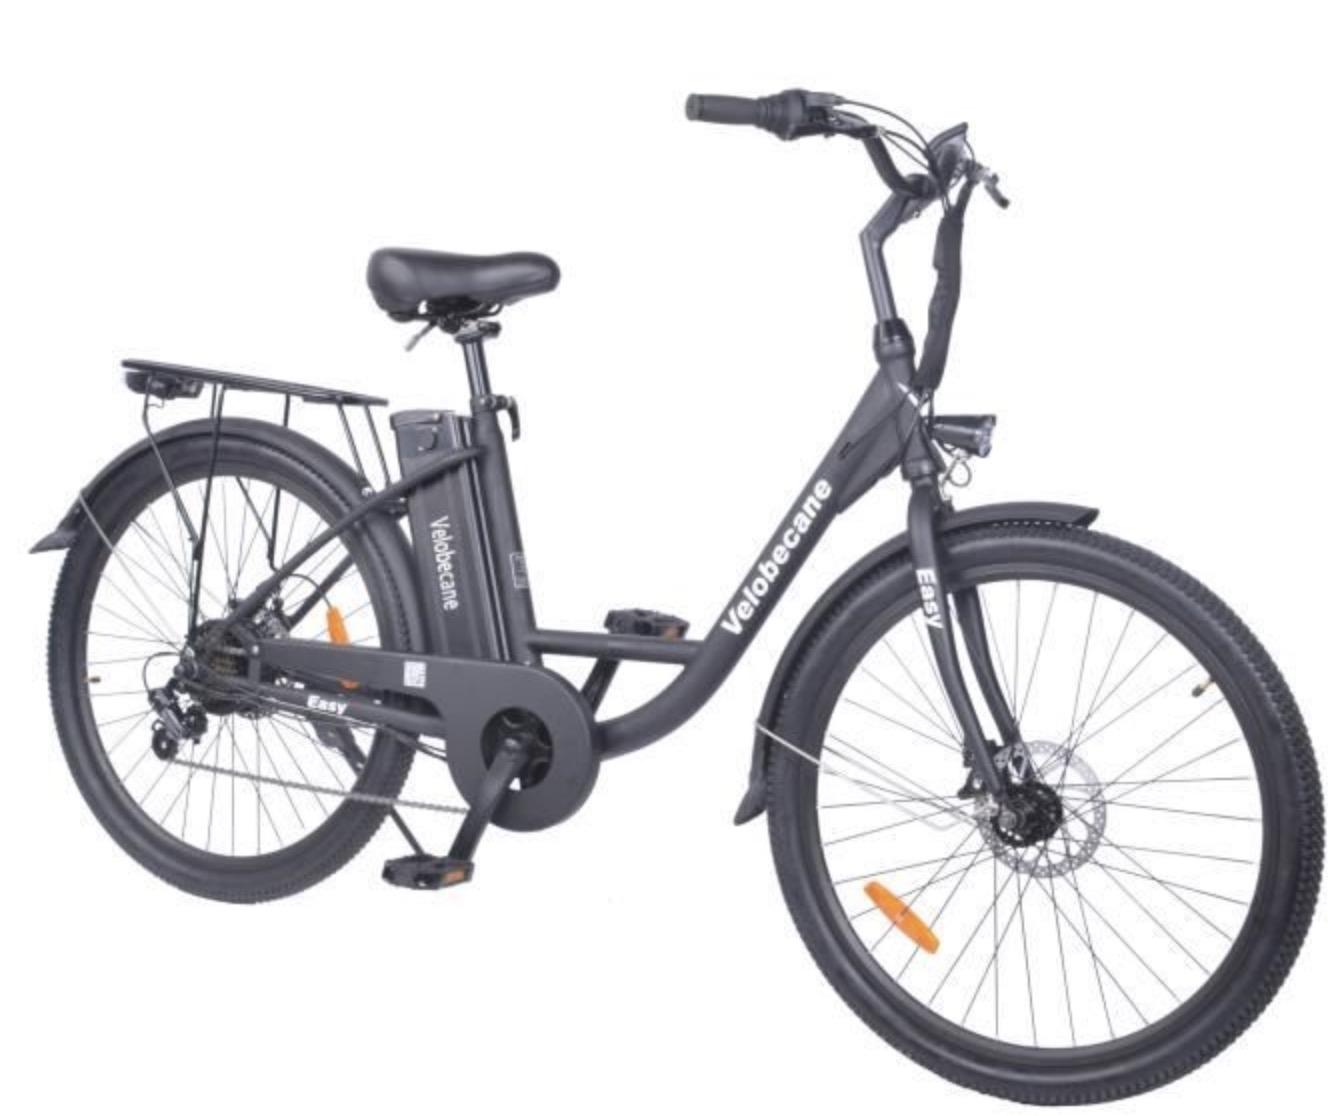 Code promo Cdiscount : Livraison gratuite sur une sélection de vélos électriques (1er prix à partir de 669,99€)